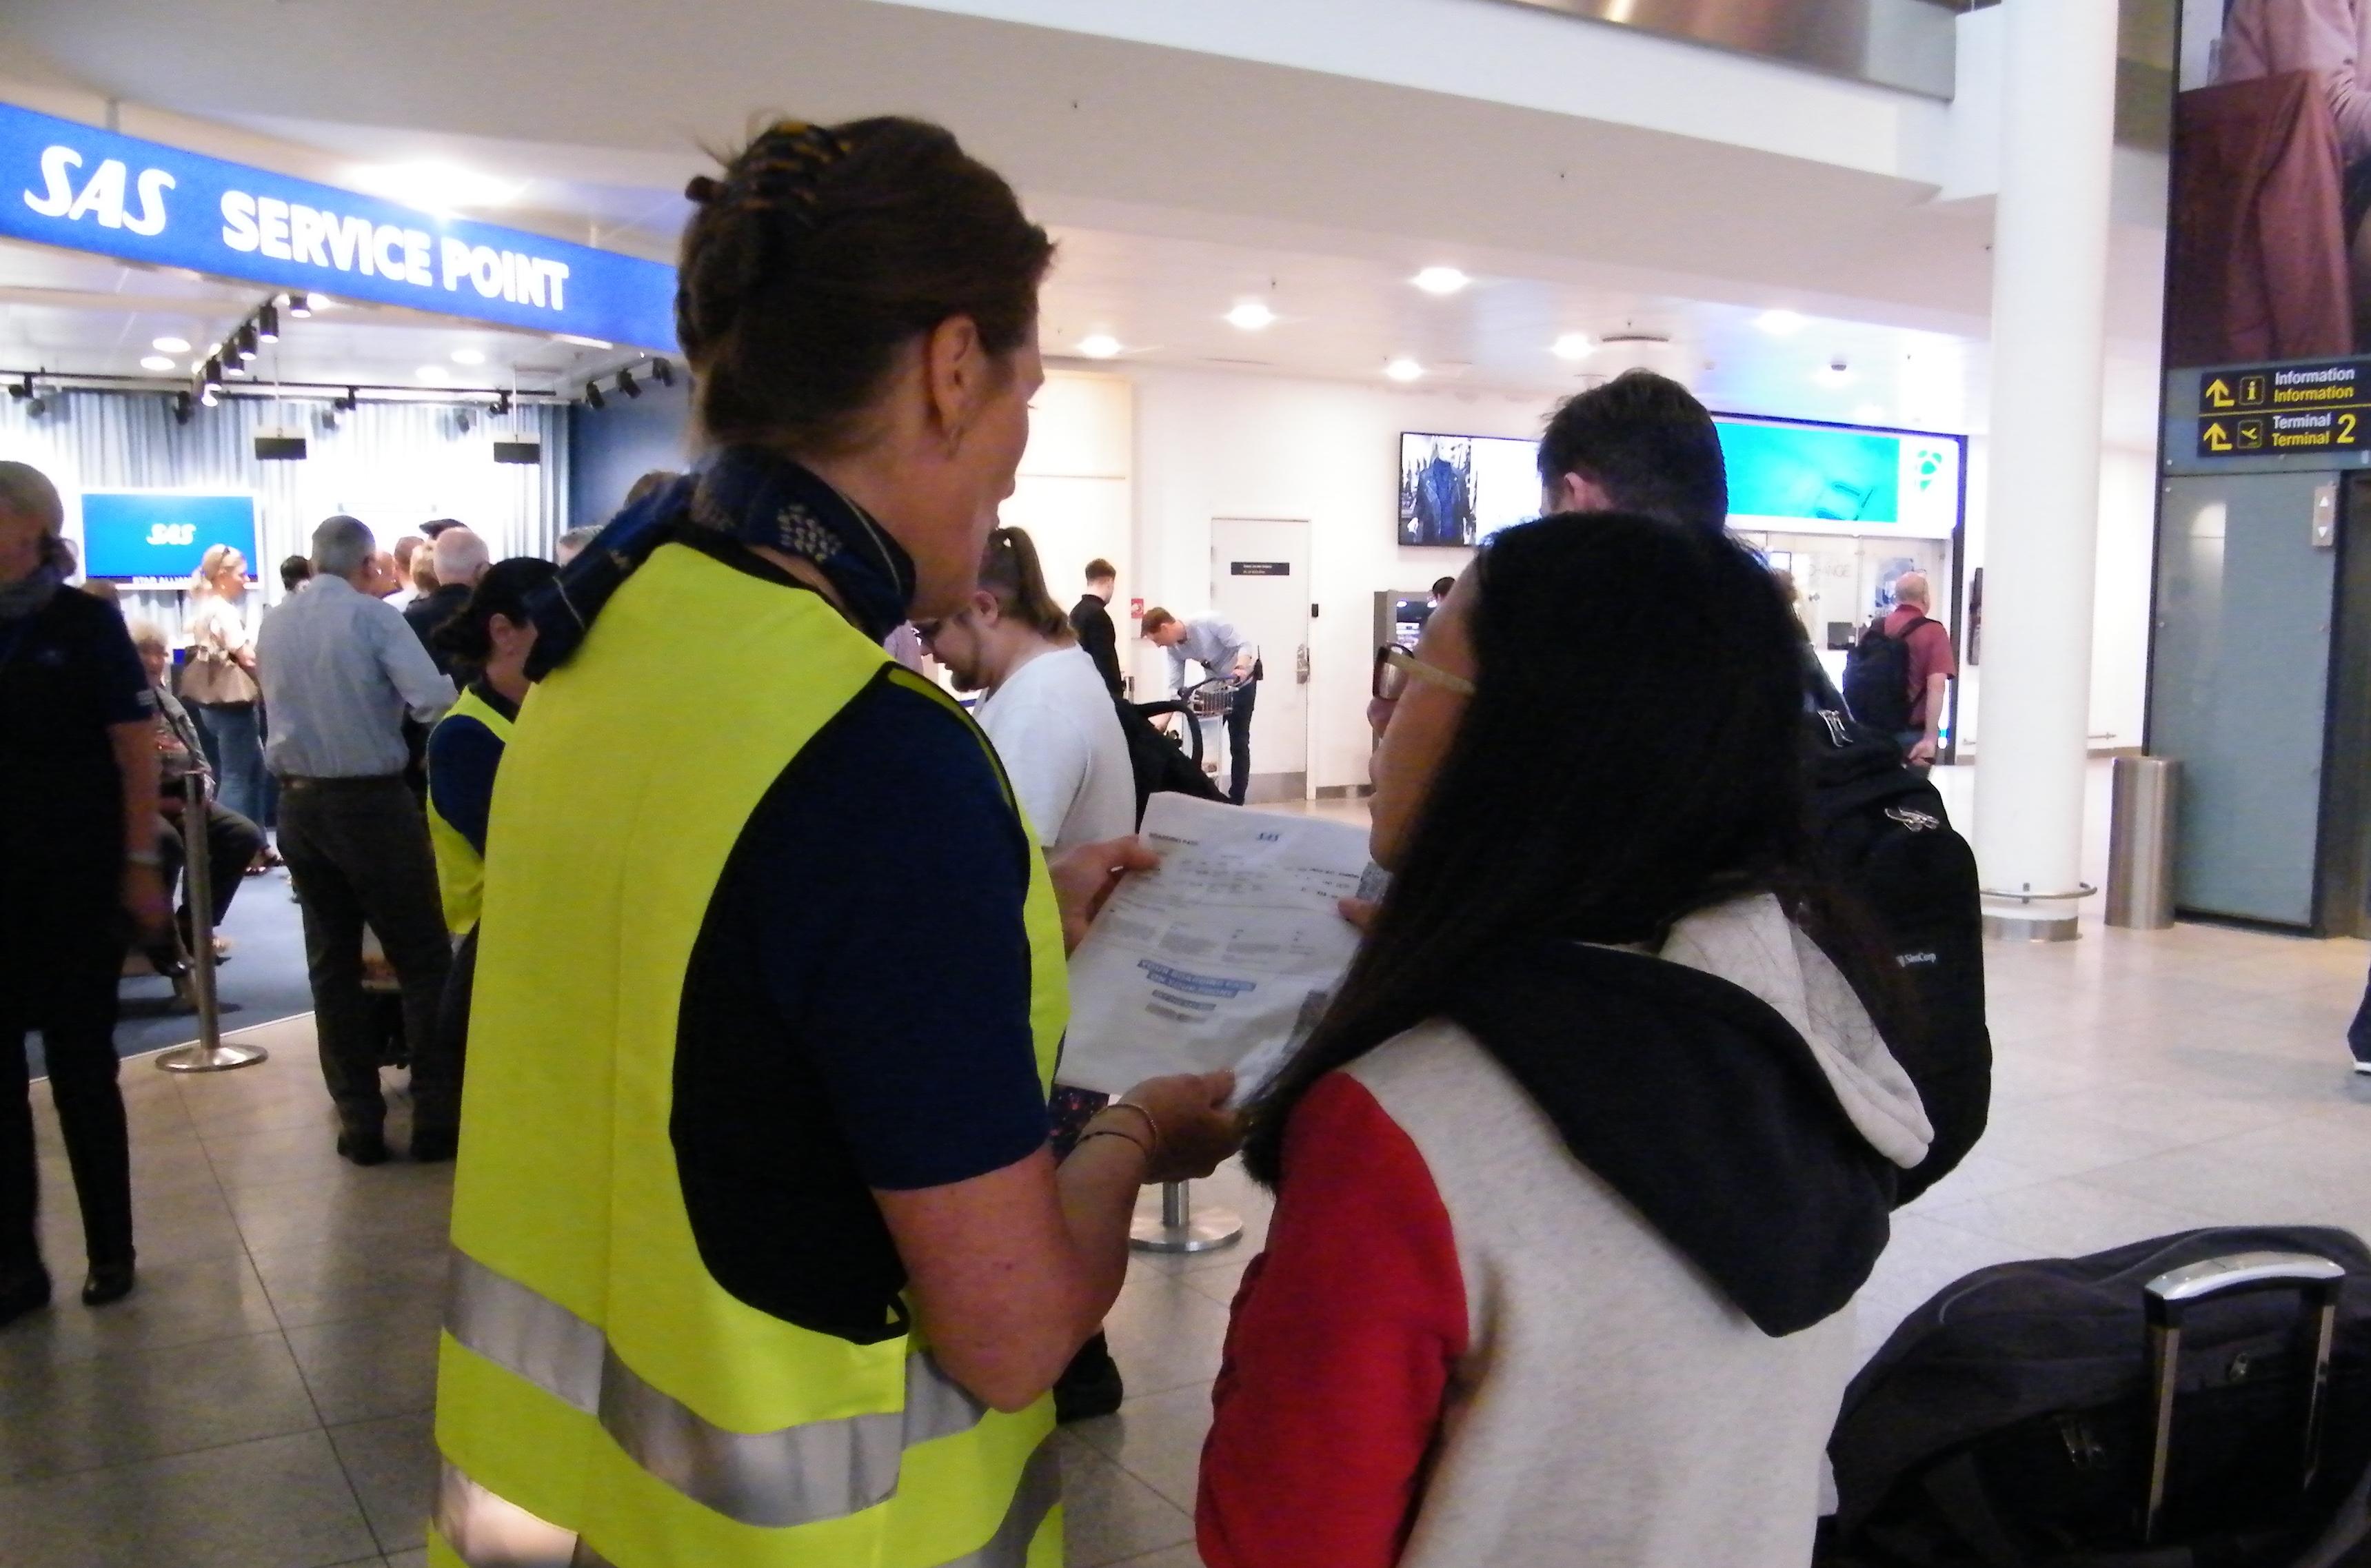 SAS-personale arbejder i Københavns Lufthavn med at hjælpe passagerer under SAS' pilotstrejke. Foto: Henrik Baumgarten.